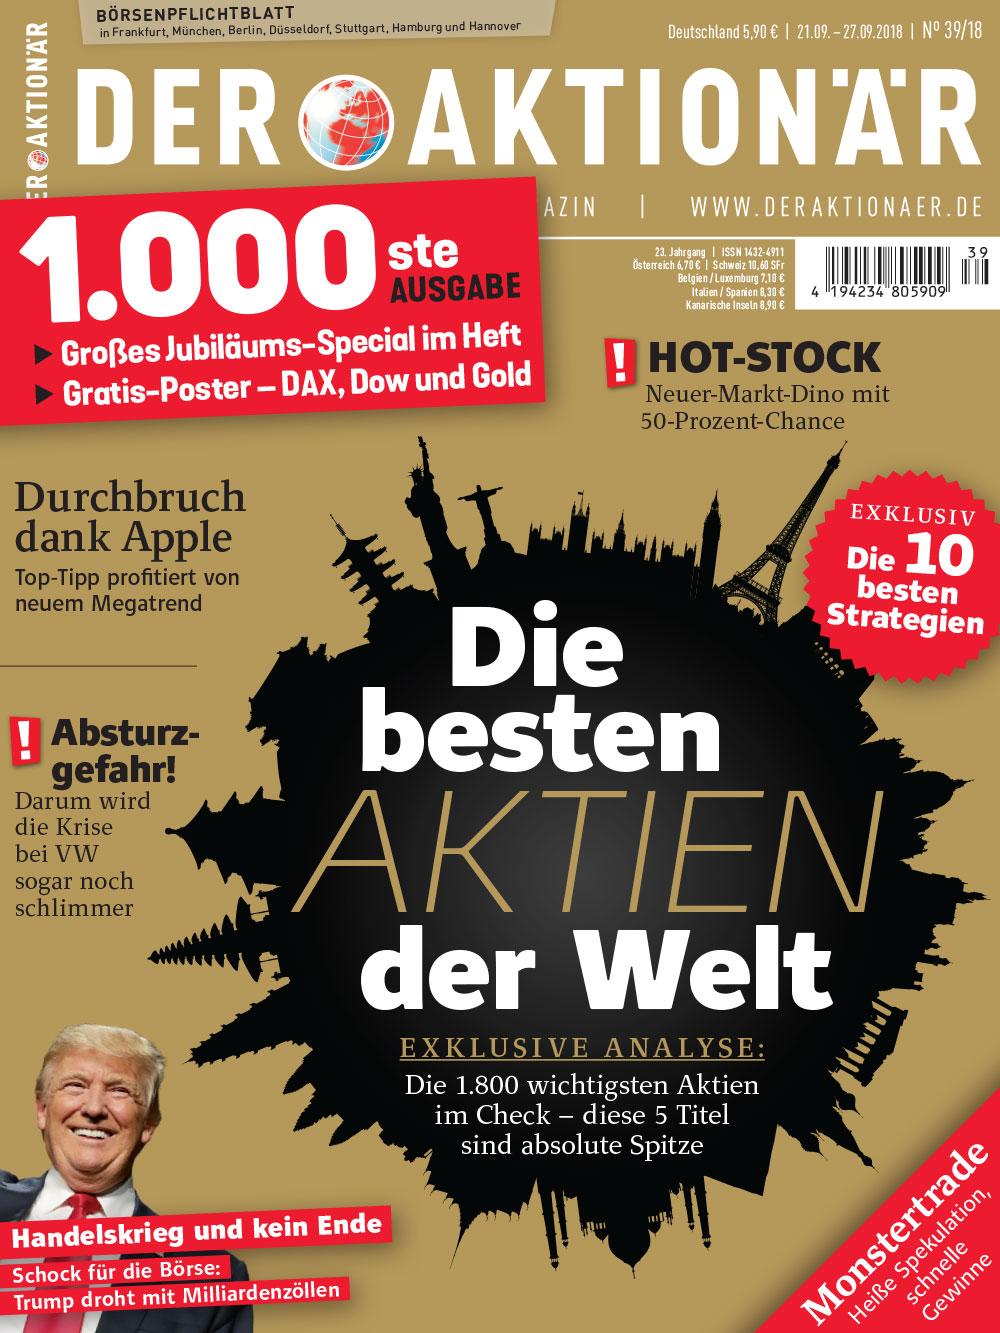 DER AKTIONÄR September 20018: Die besten Aktien der Welt